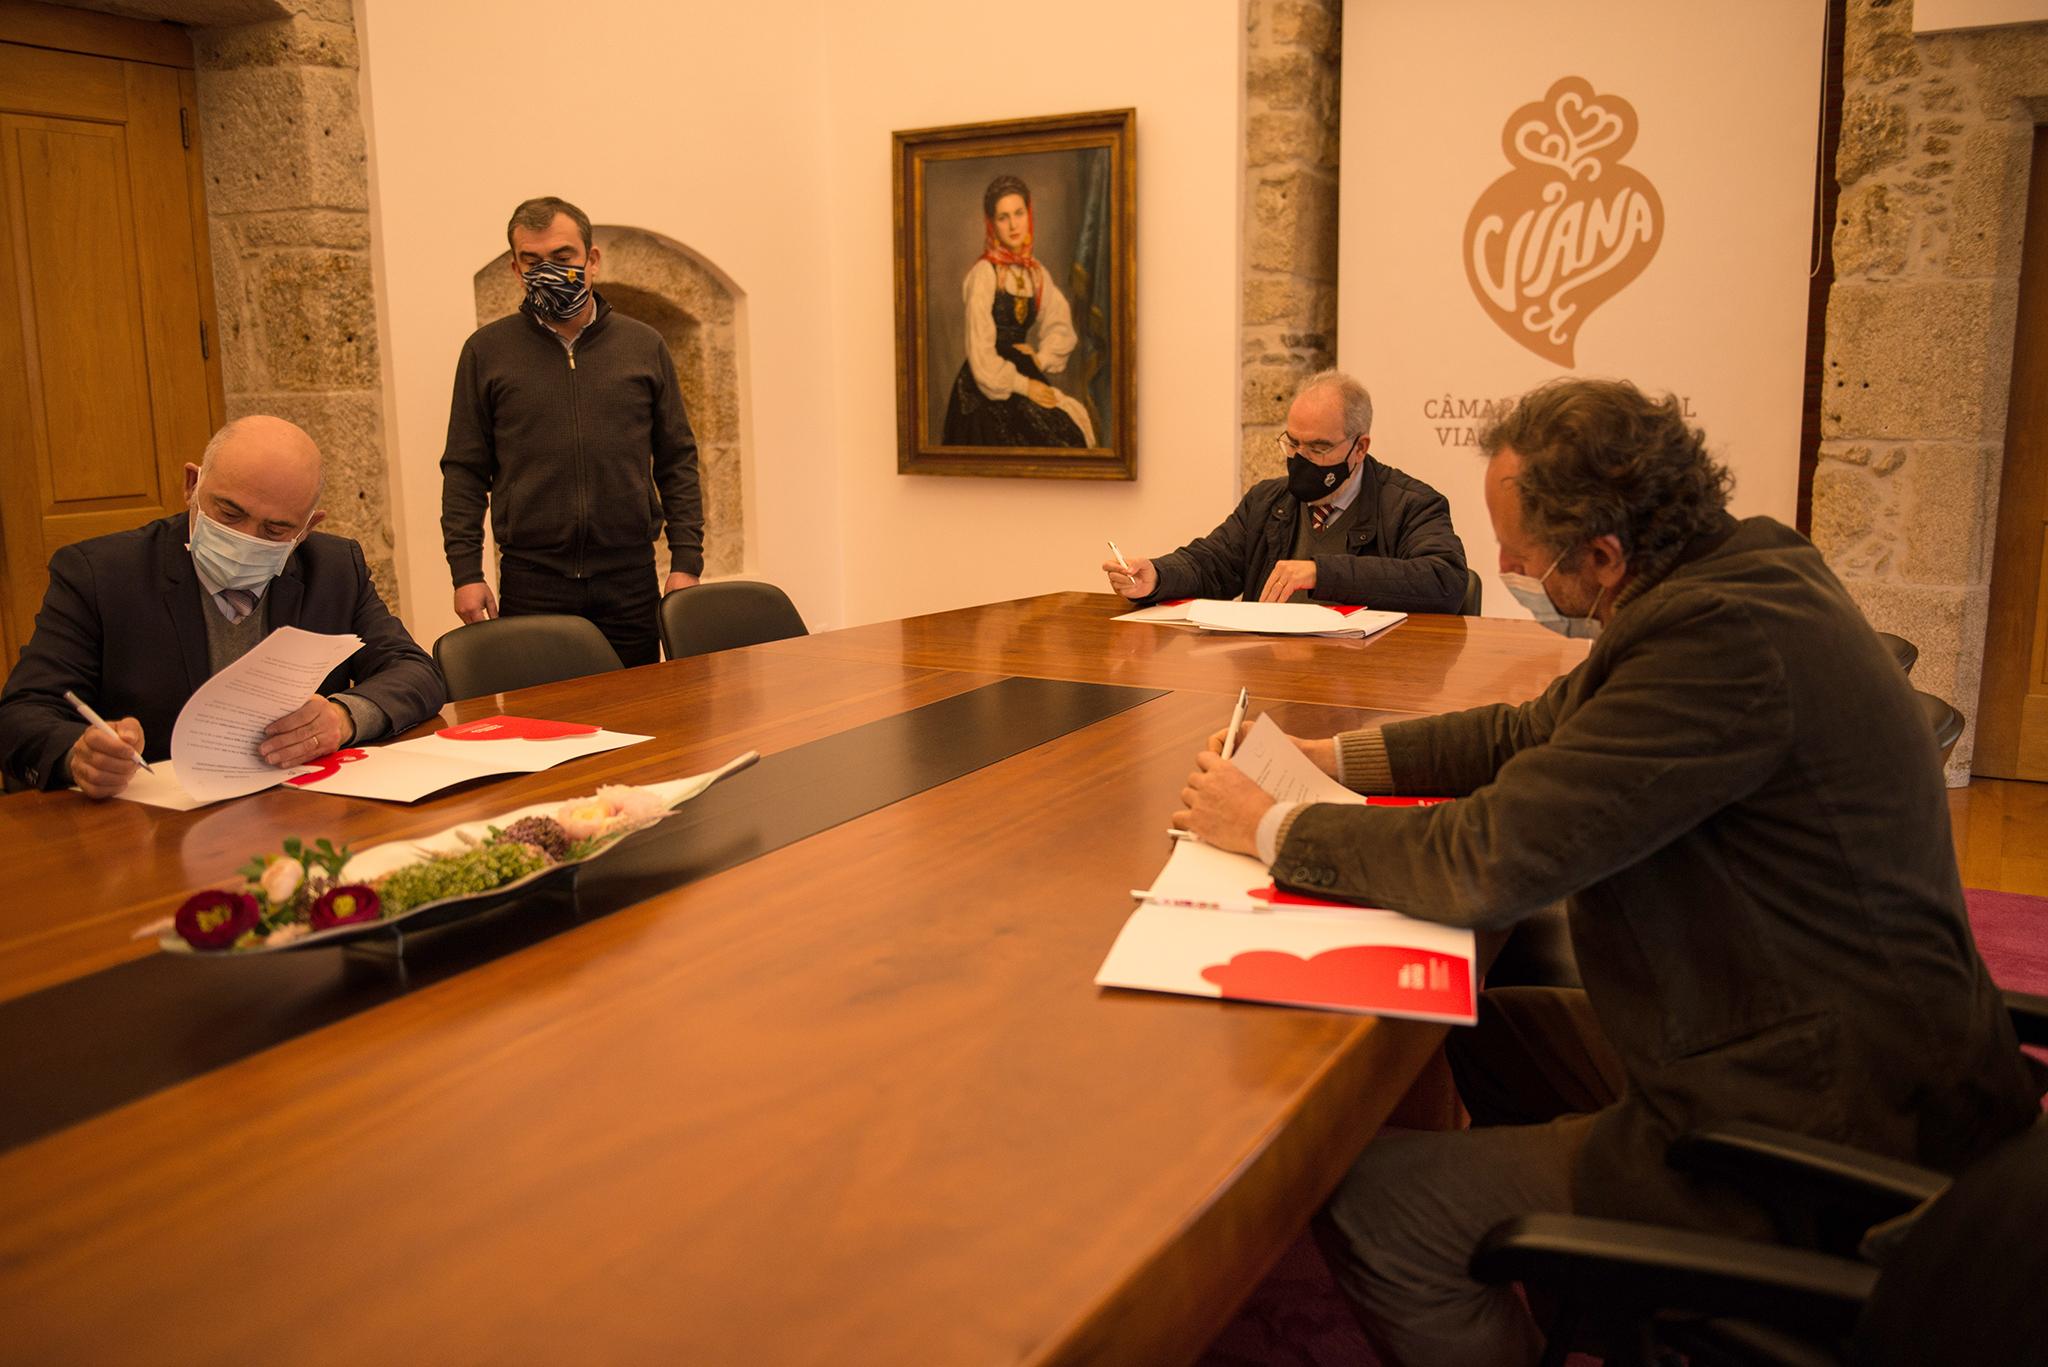 L'Institut signe un protocole de coopération avec la mairie de Viana do Castelo (Pt)